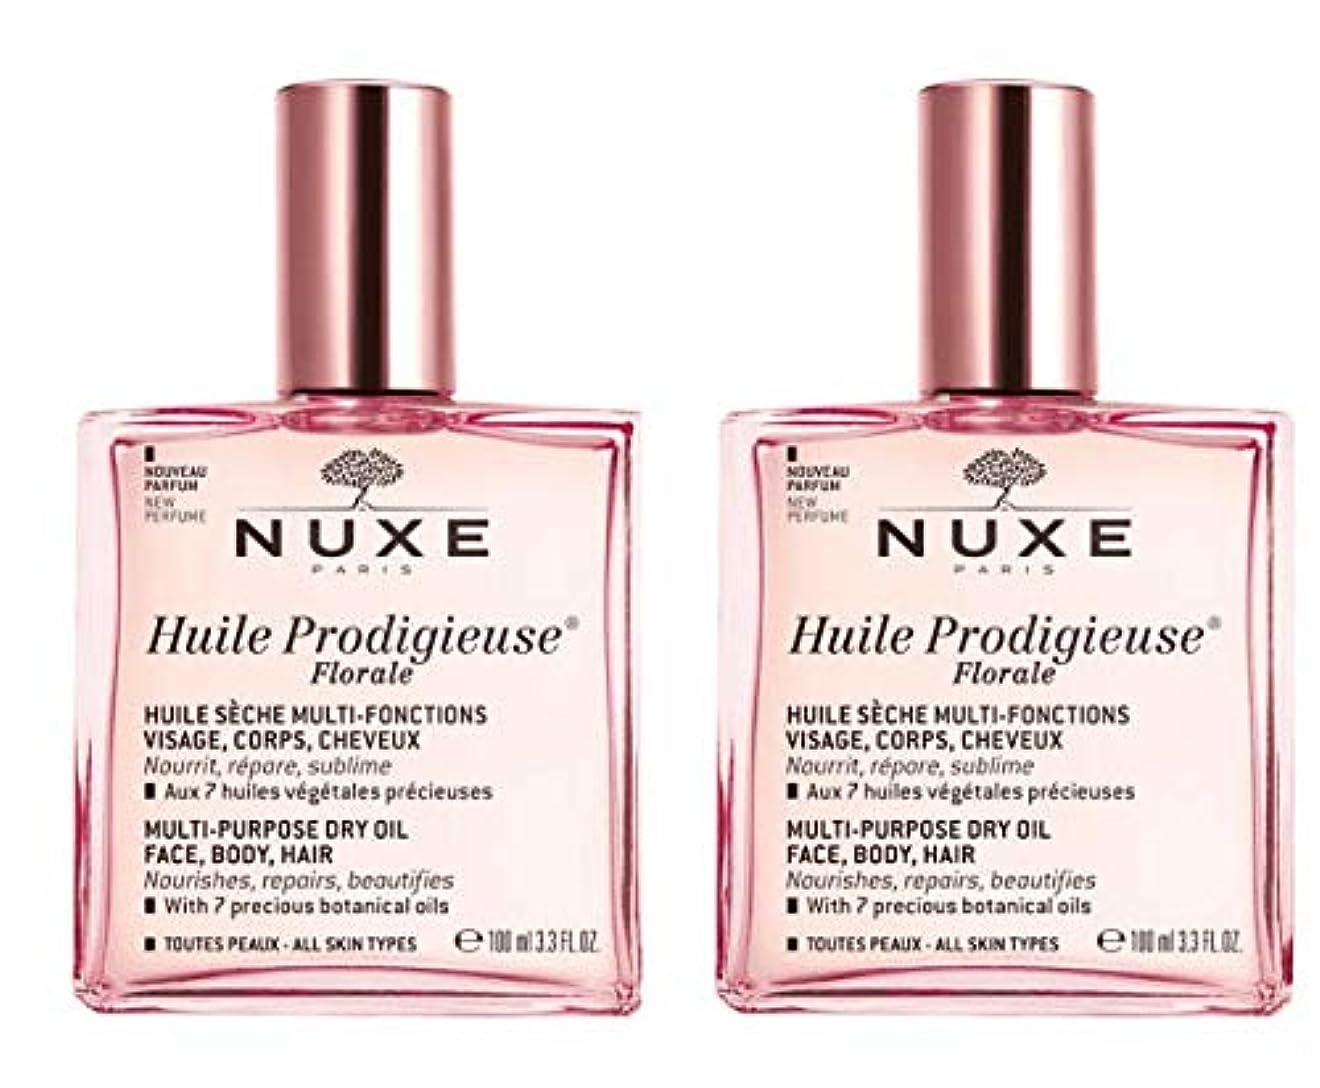 びん噴火揮発性ニュクス NUXE プロディジュー フローラルオイル 100ml 2本セット 花の香りと共に新発売 海外直送品